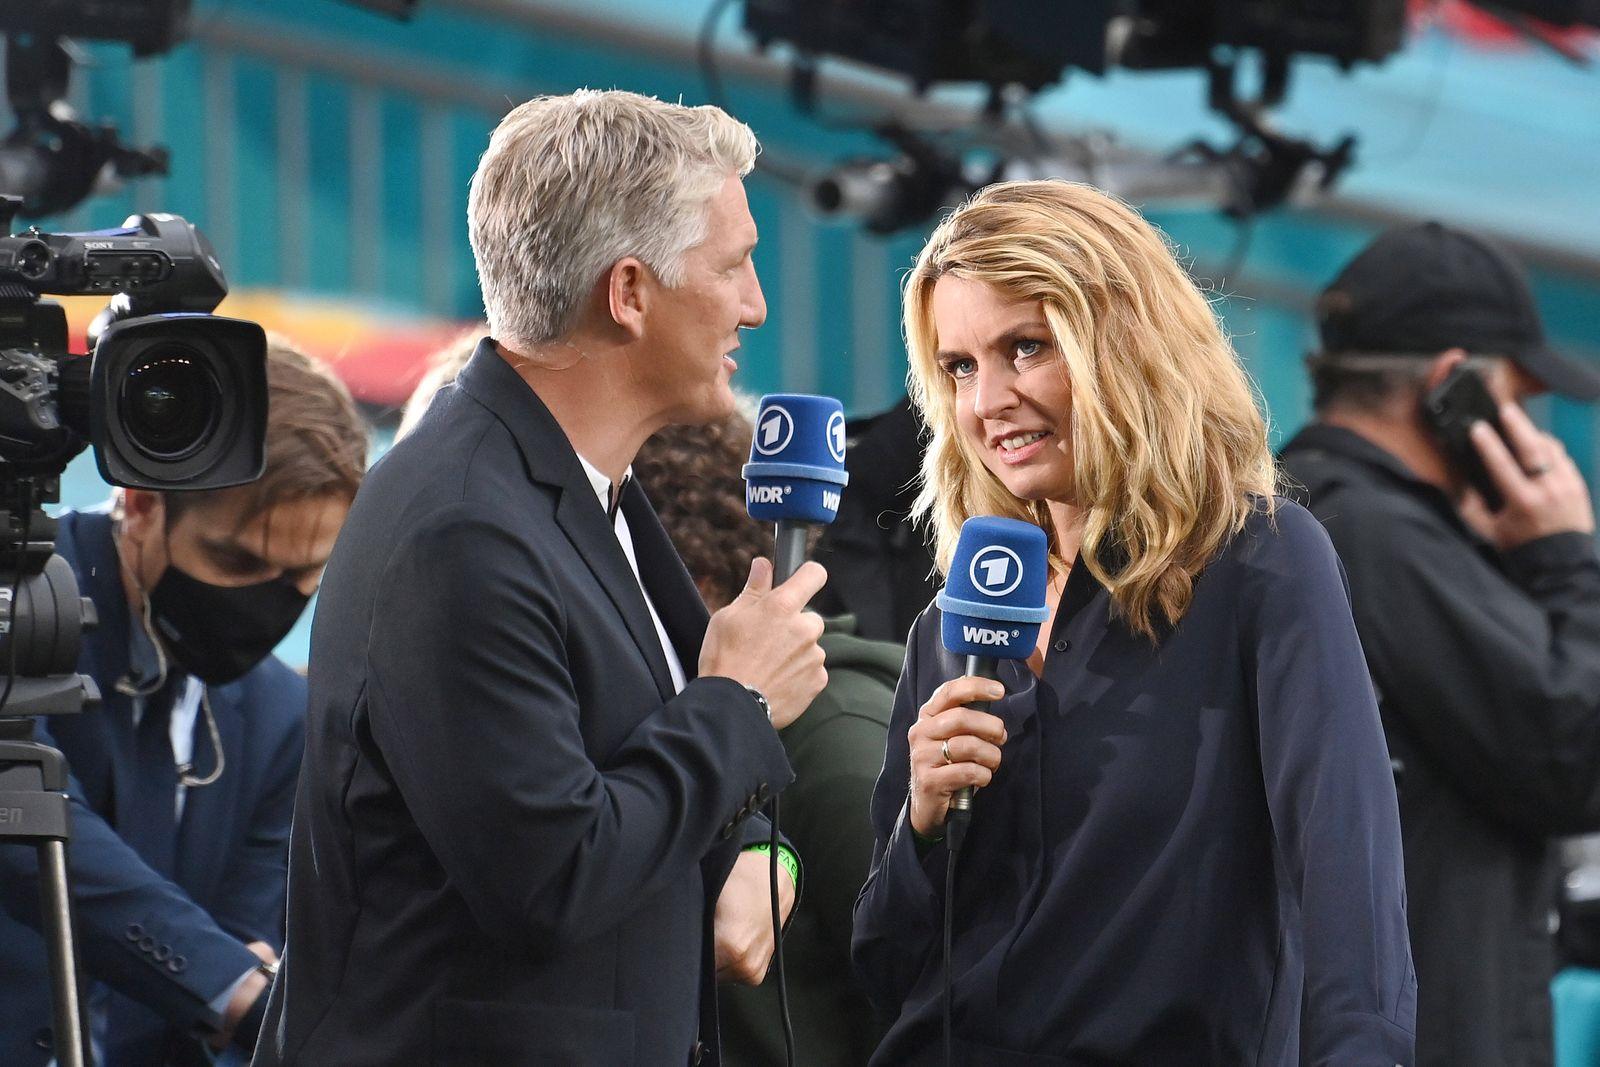 Bastian SCHWEINSTEIGER (Fussballexperte der ARD) mit Moderatorin Jessy WELLMER. Achtelfinale, Spiel M44, England (ENG) -